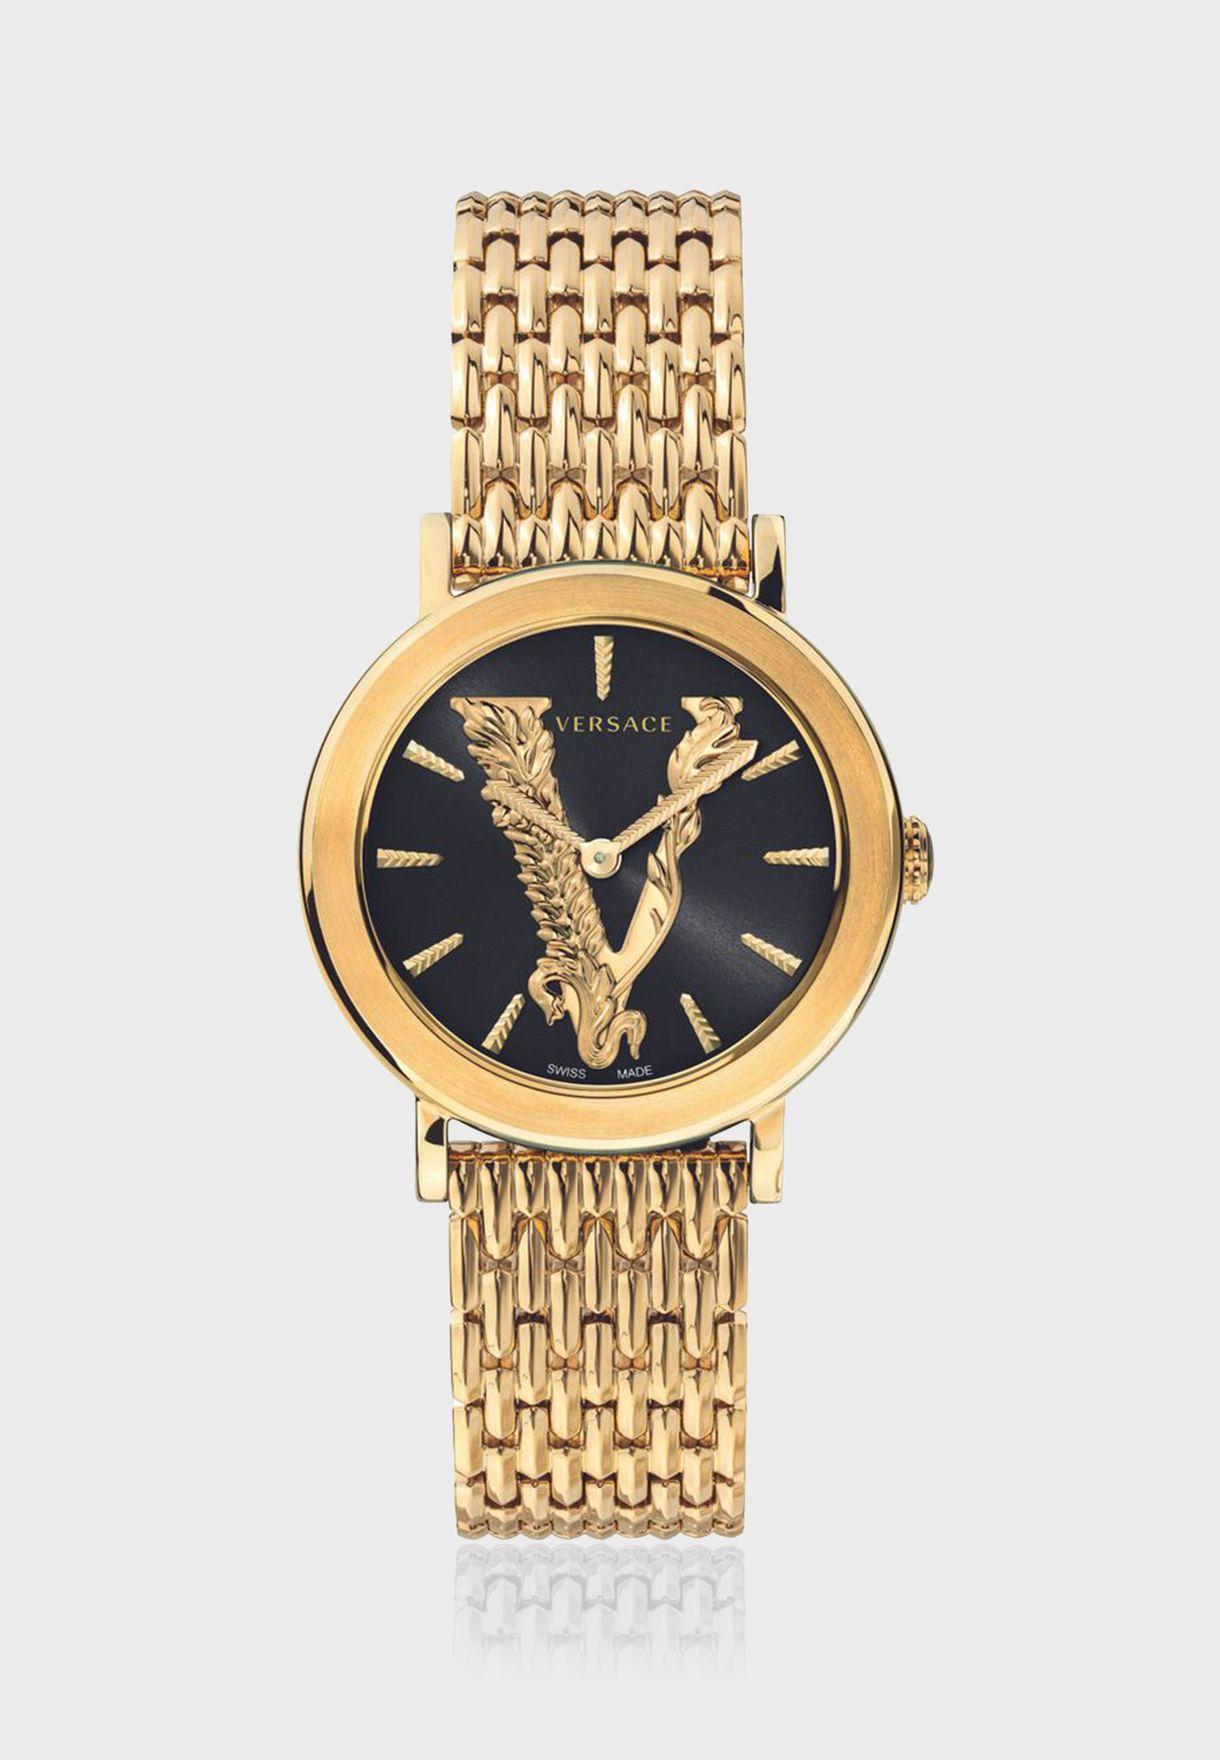 ساعة فيرساتشي فيرتوس بسوار ستانلس ستيل للنساء - VEHC00619